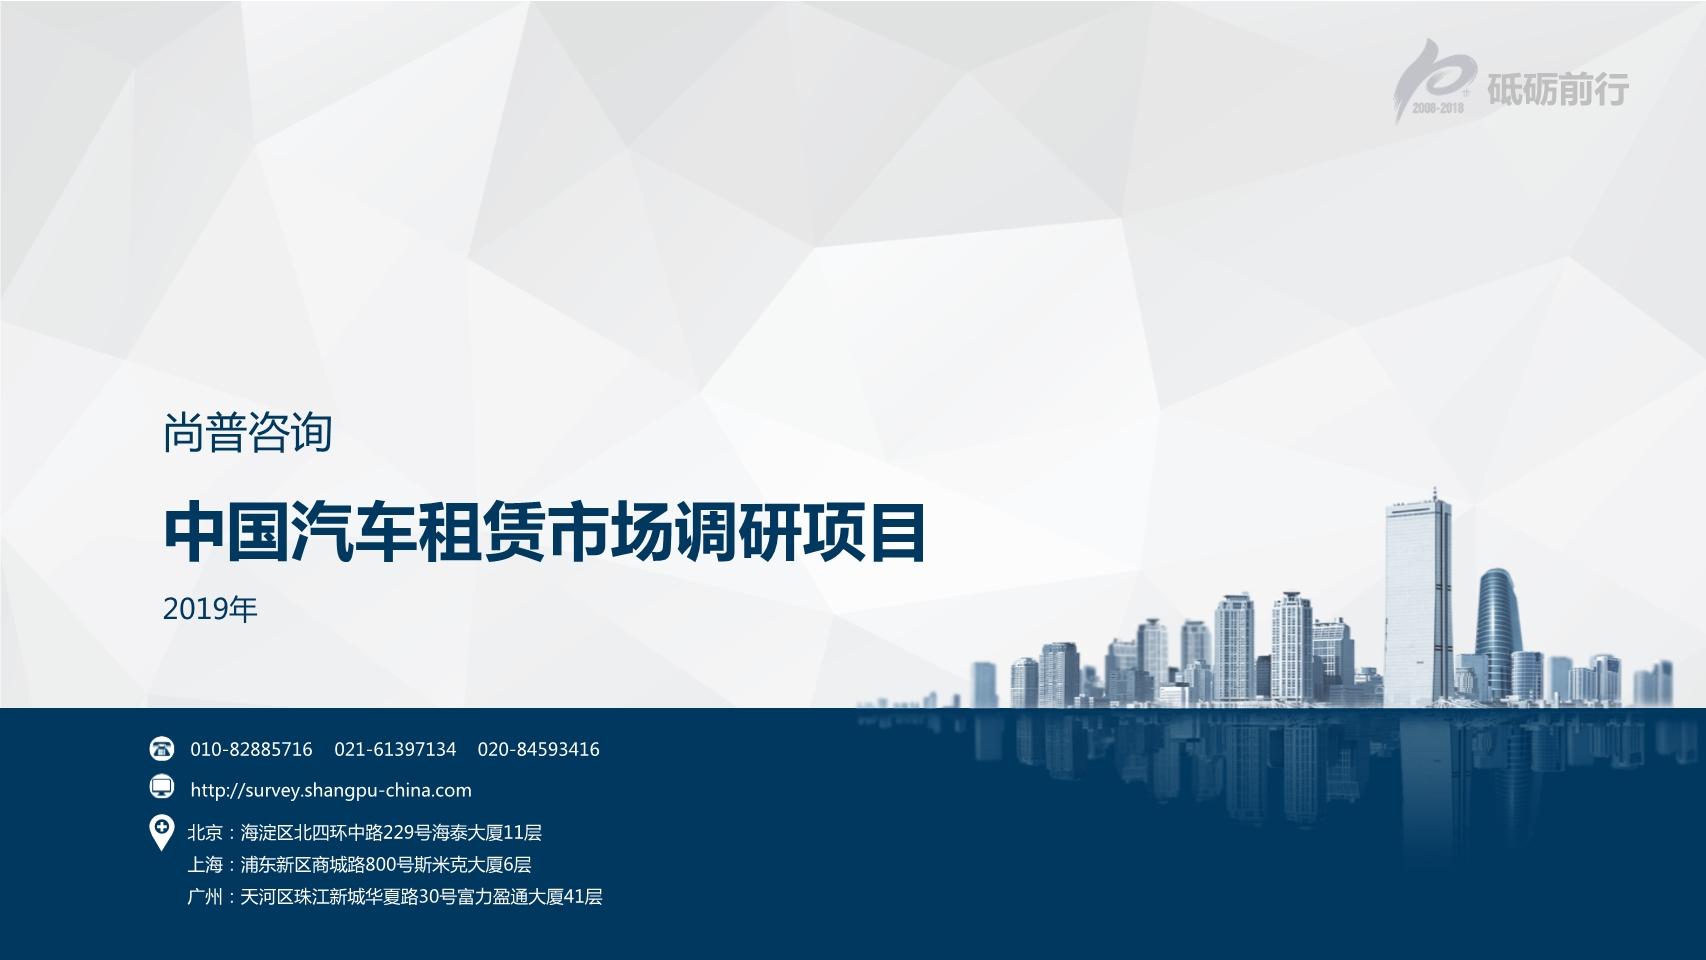 尚普咨询—中国汽车租赁市场调研项目